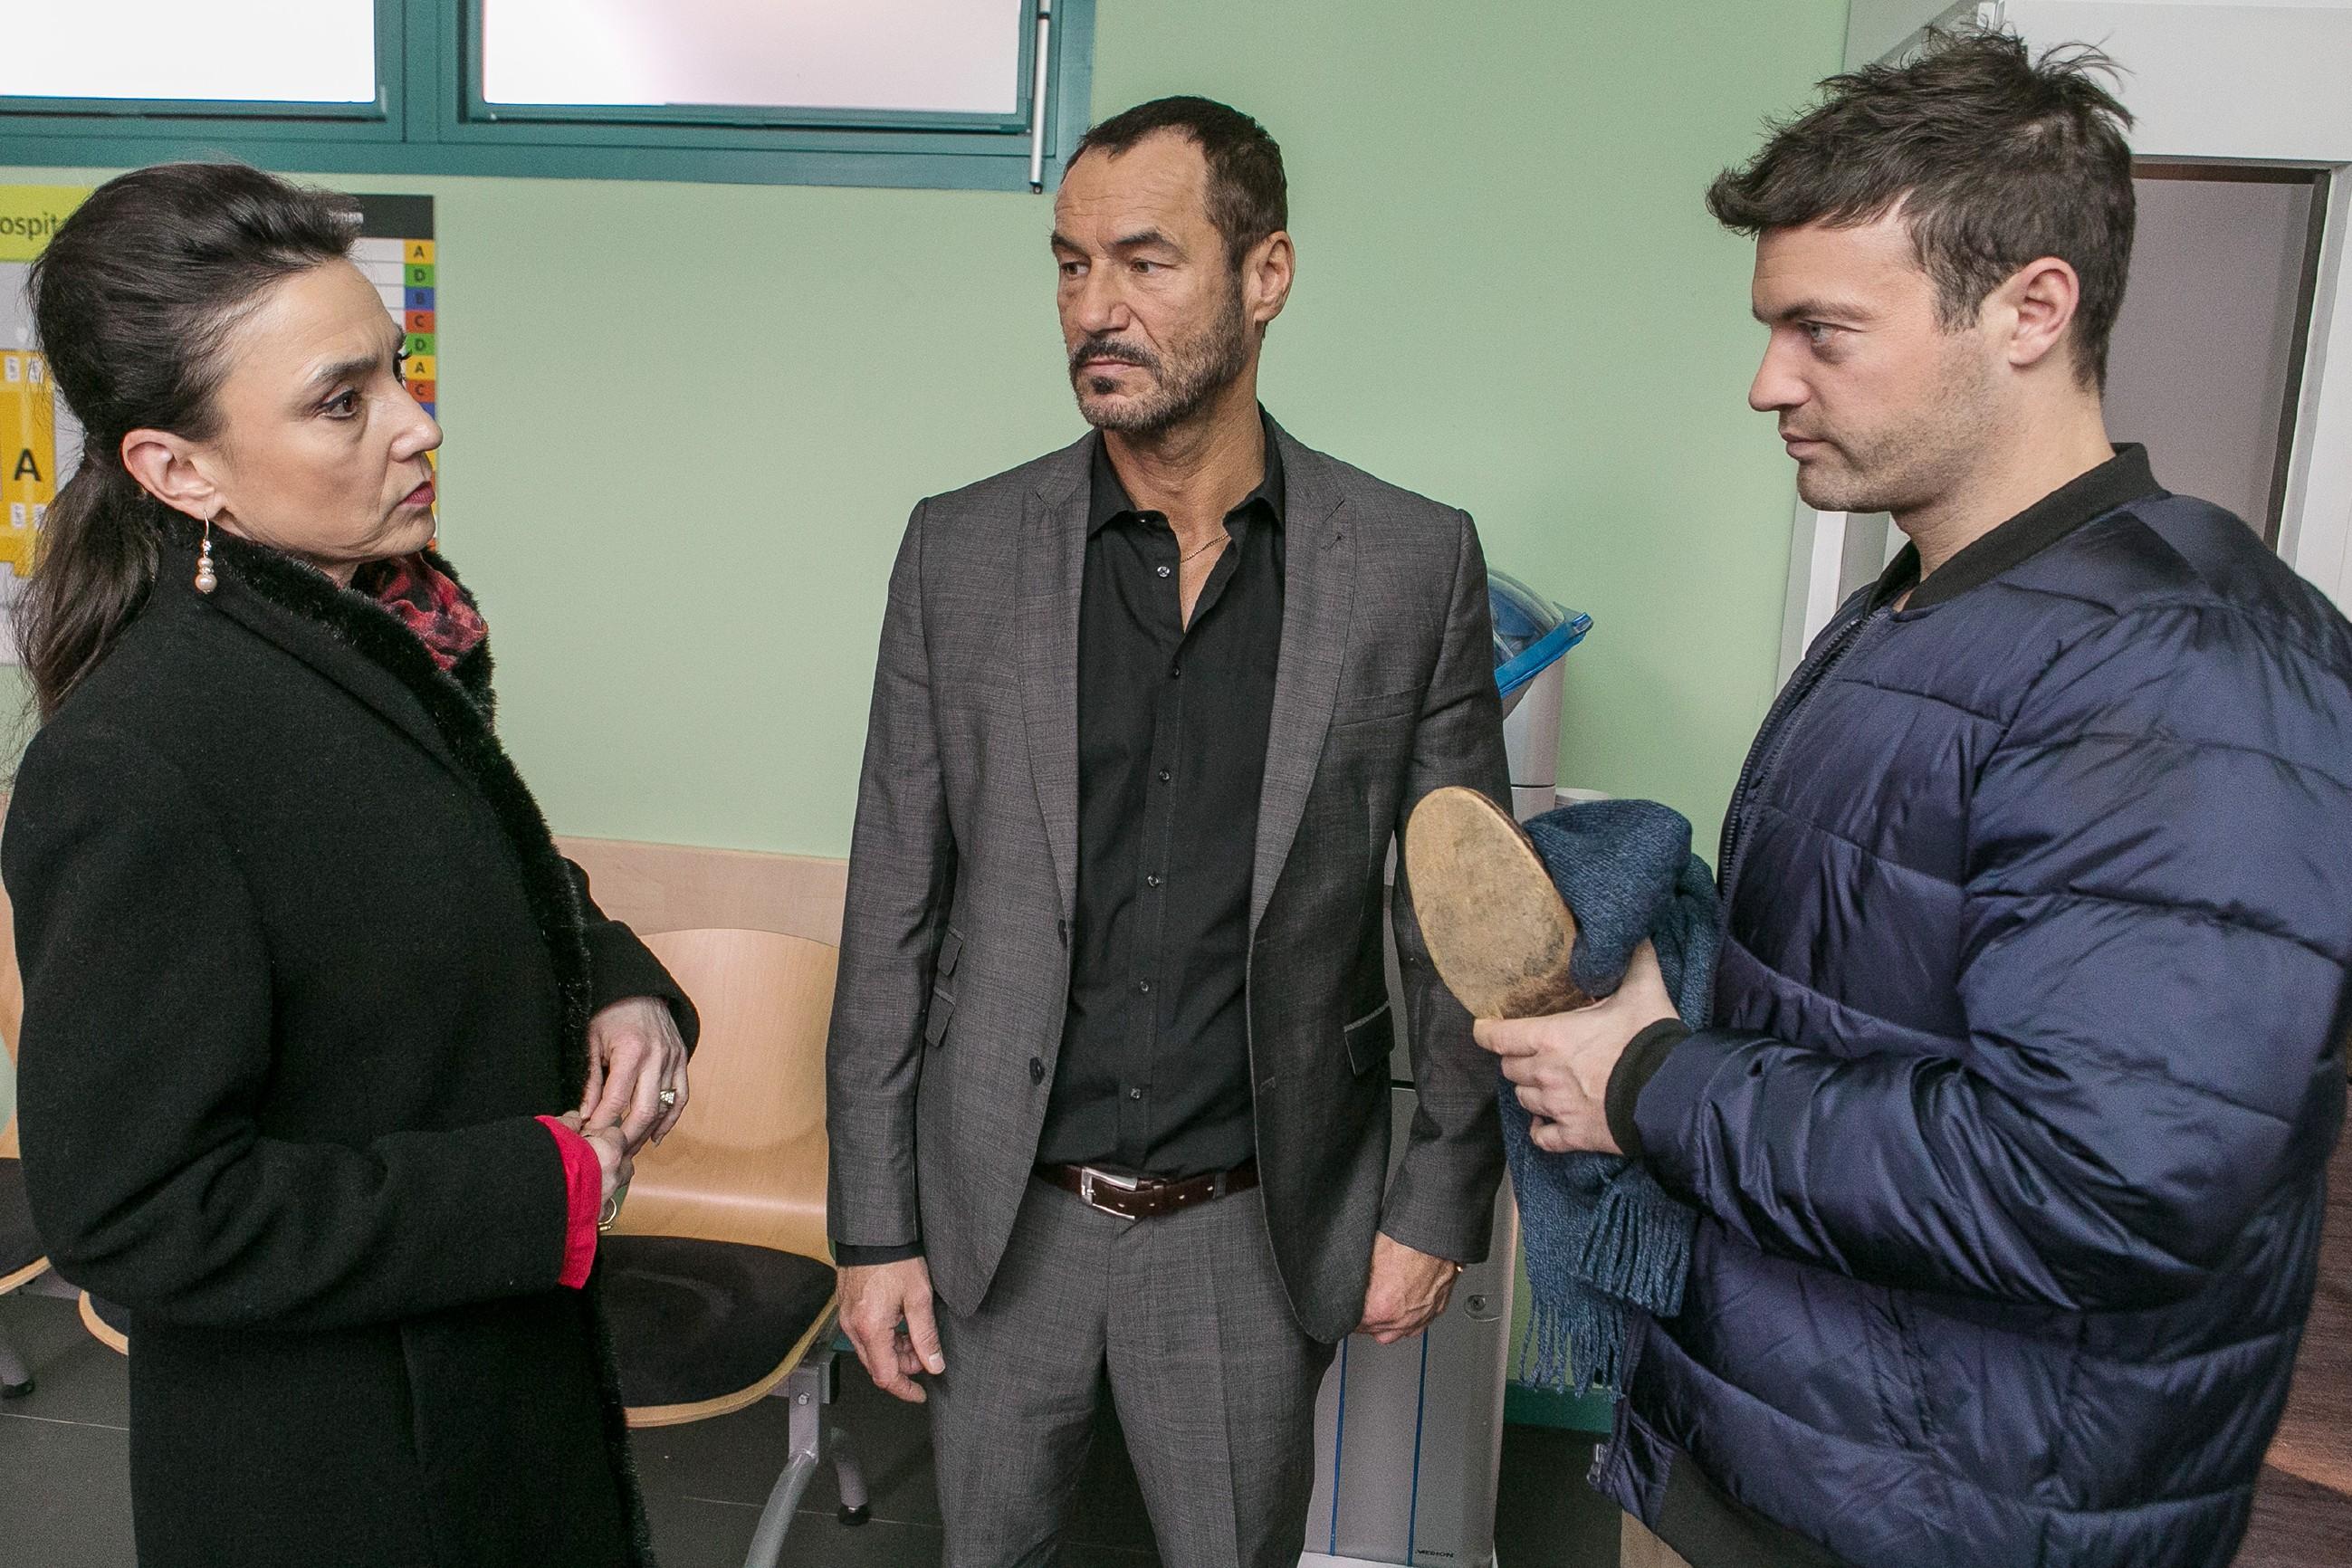 Als Simone (Tatjana Clasing) im Krankenhaus auf Richard (Silvan-Pierre Leirich, M.) trifft, der Ben (Jörg Rohde) wegen dessen Fußverletzung begleitet, lügt sie ihn an, um erneuten Streit wegen Vincent zu vermeiden. (Quelle: RTL / Kai Schulz)